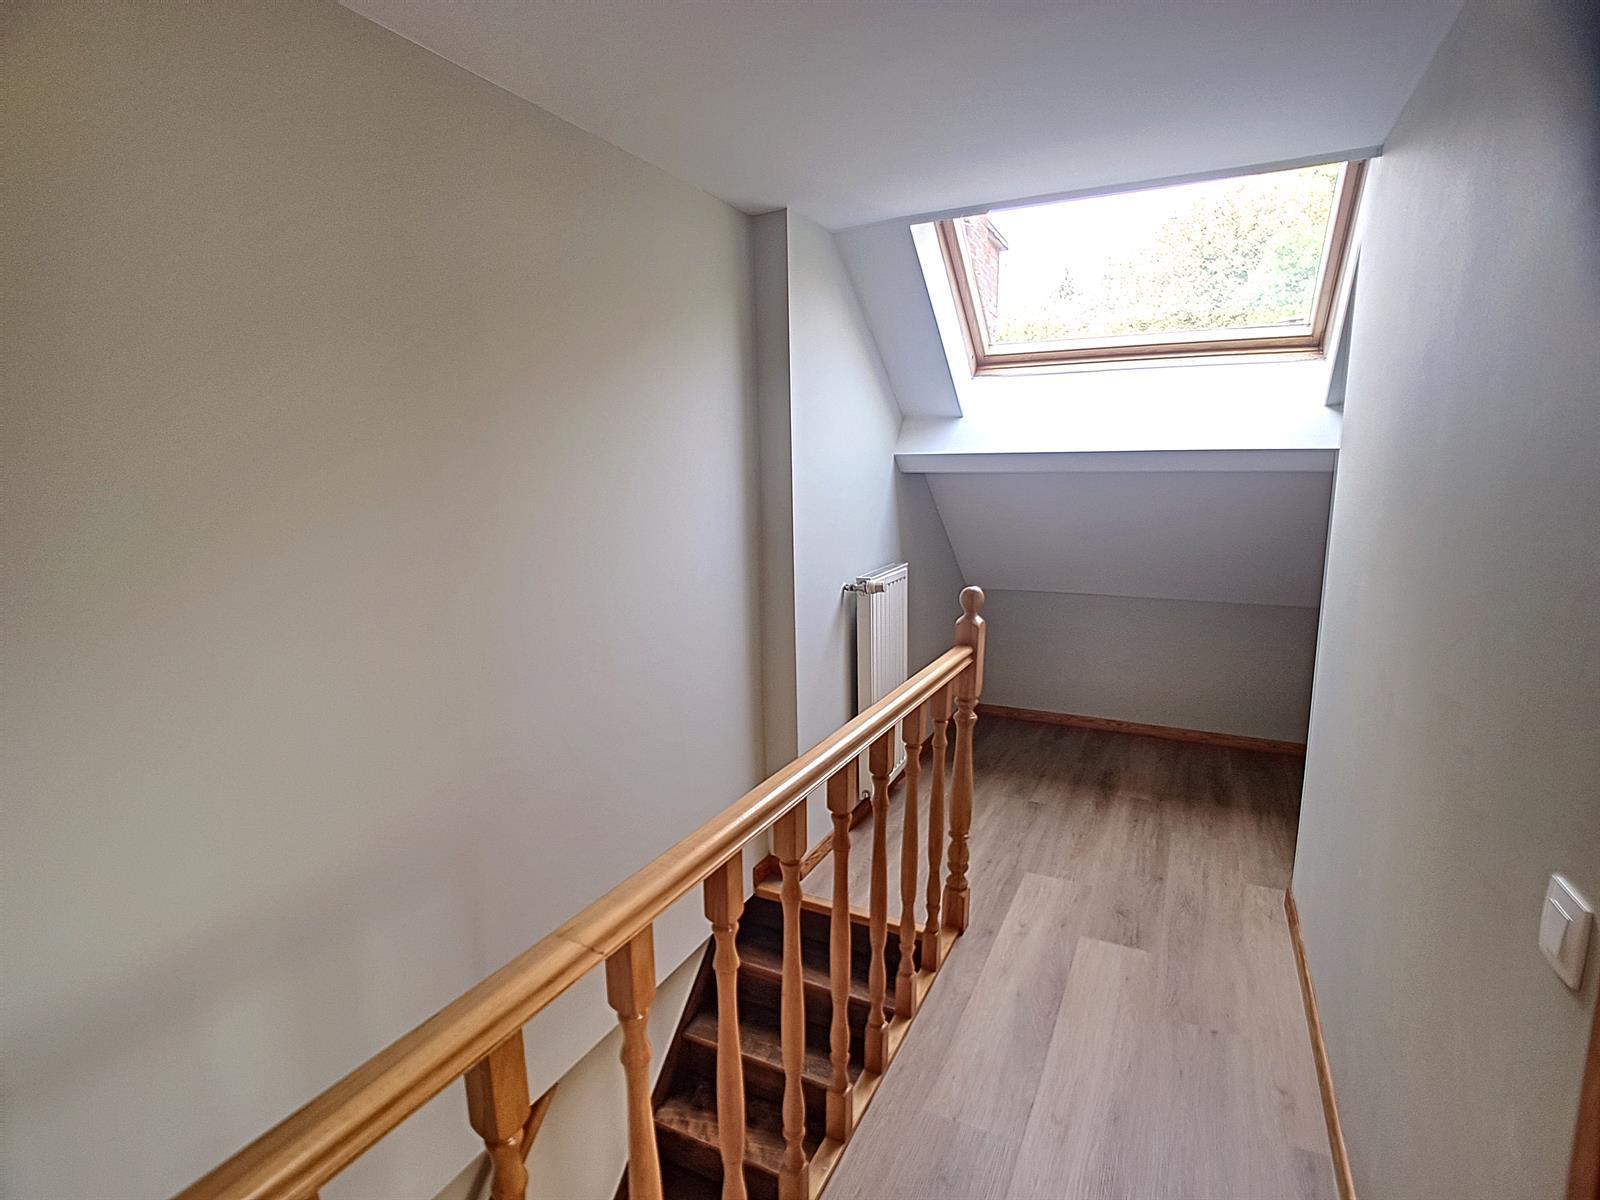 Duplex - Ottignies-Louvain-la-Neuve Céroux-Mousty - #3847042-10